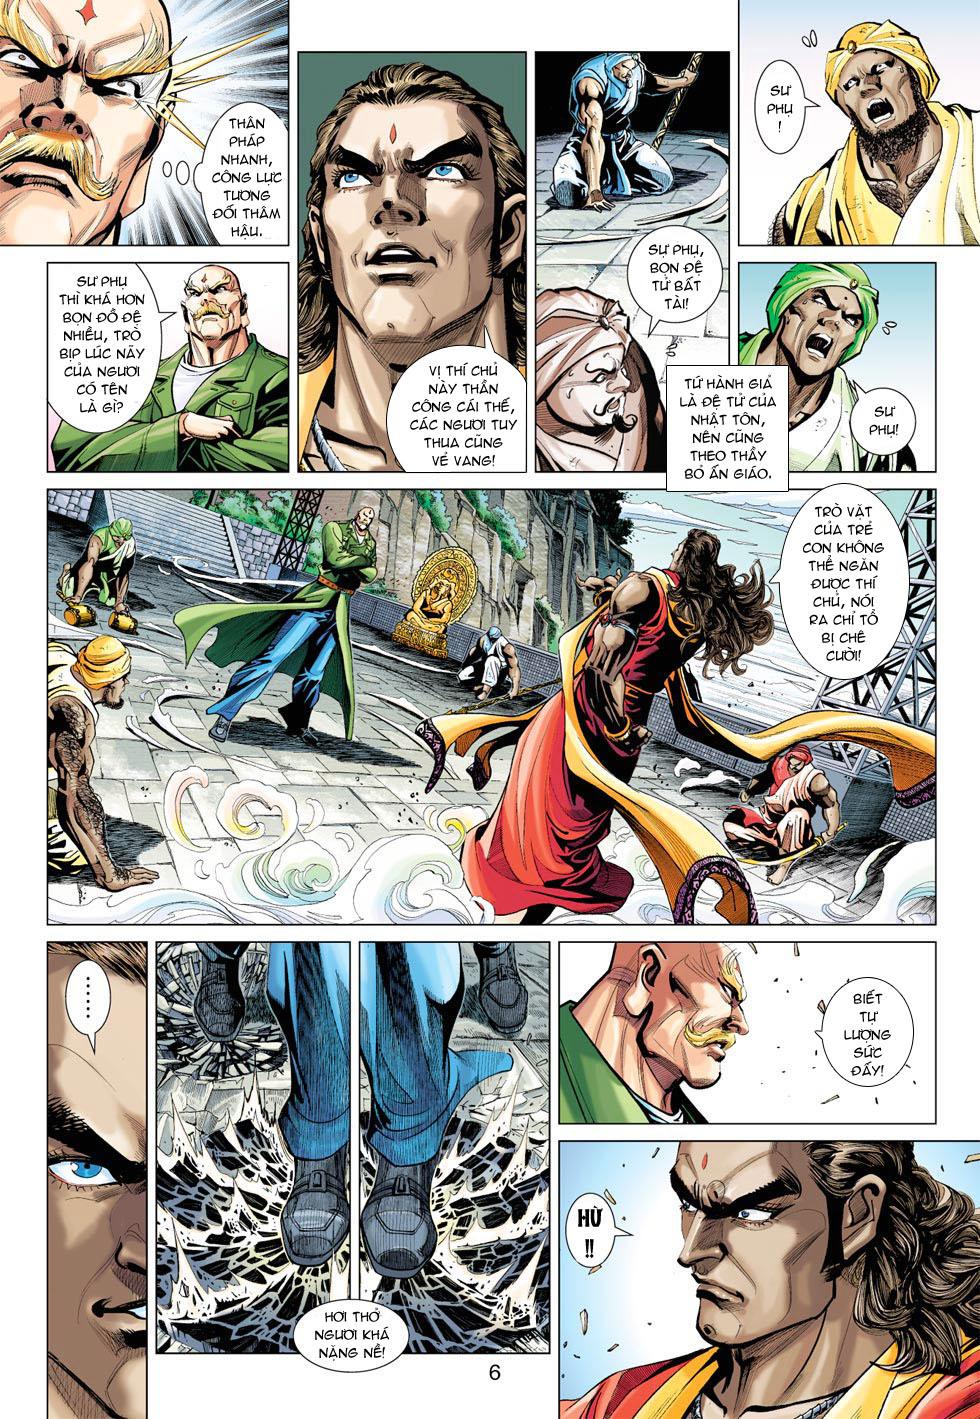 Tân Tác Long Hổ Môn trang 39